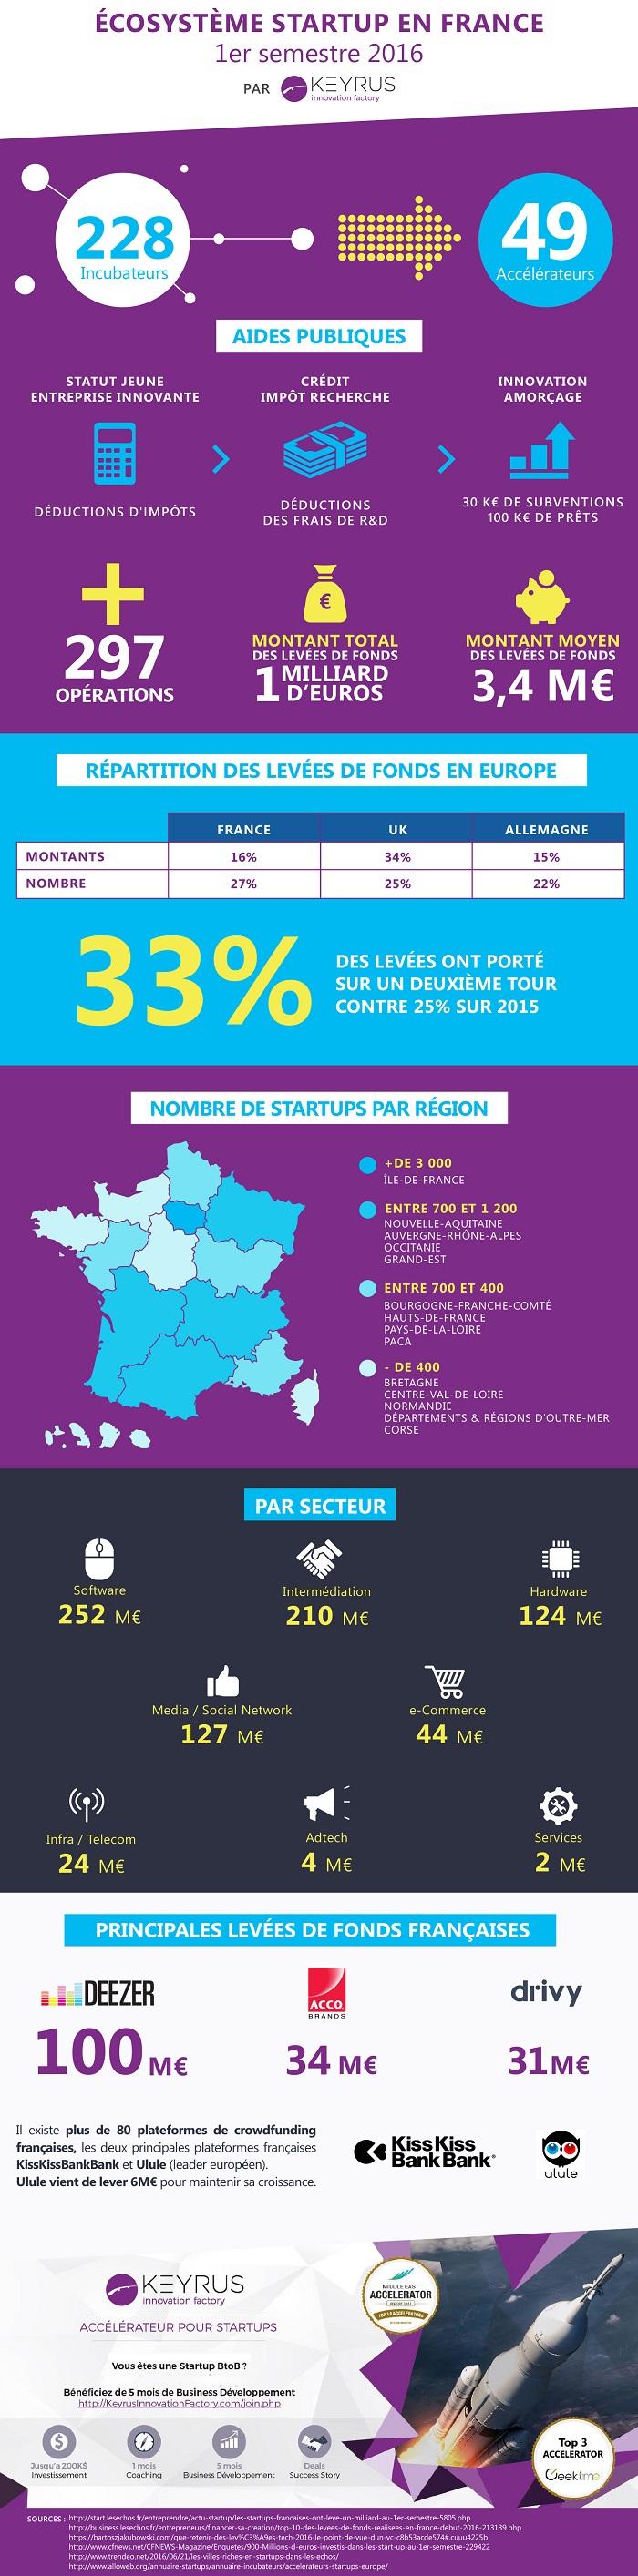 Infographie 'écosystème des start-up en France au 1er semestre 2016